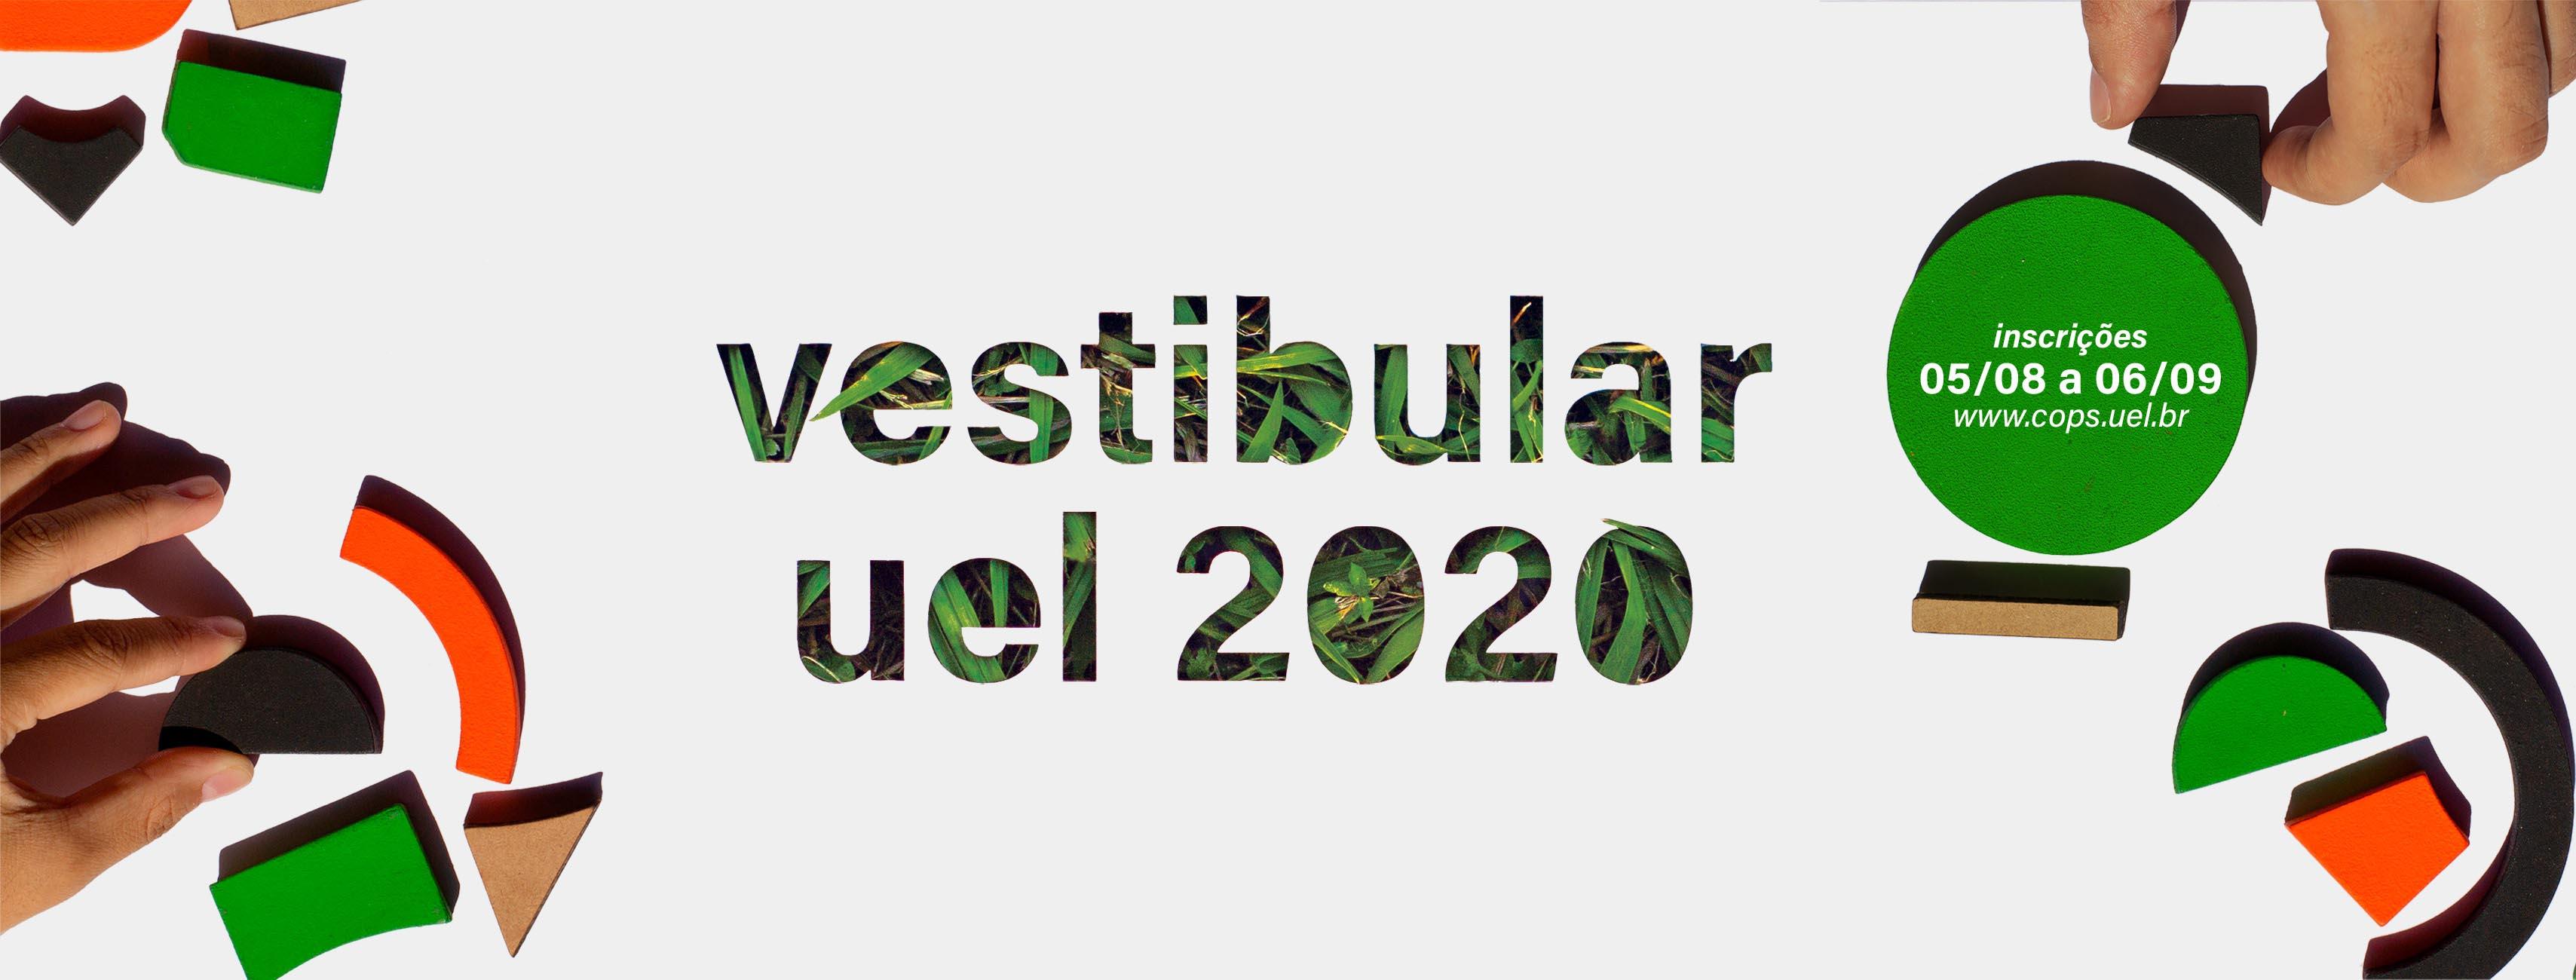 UEL divulga 3ª convocação do Vestibular 2020 na terça-feira (28)